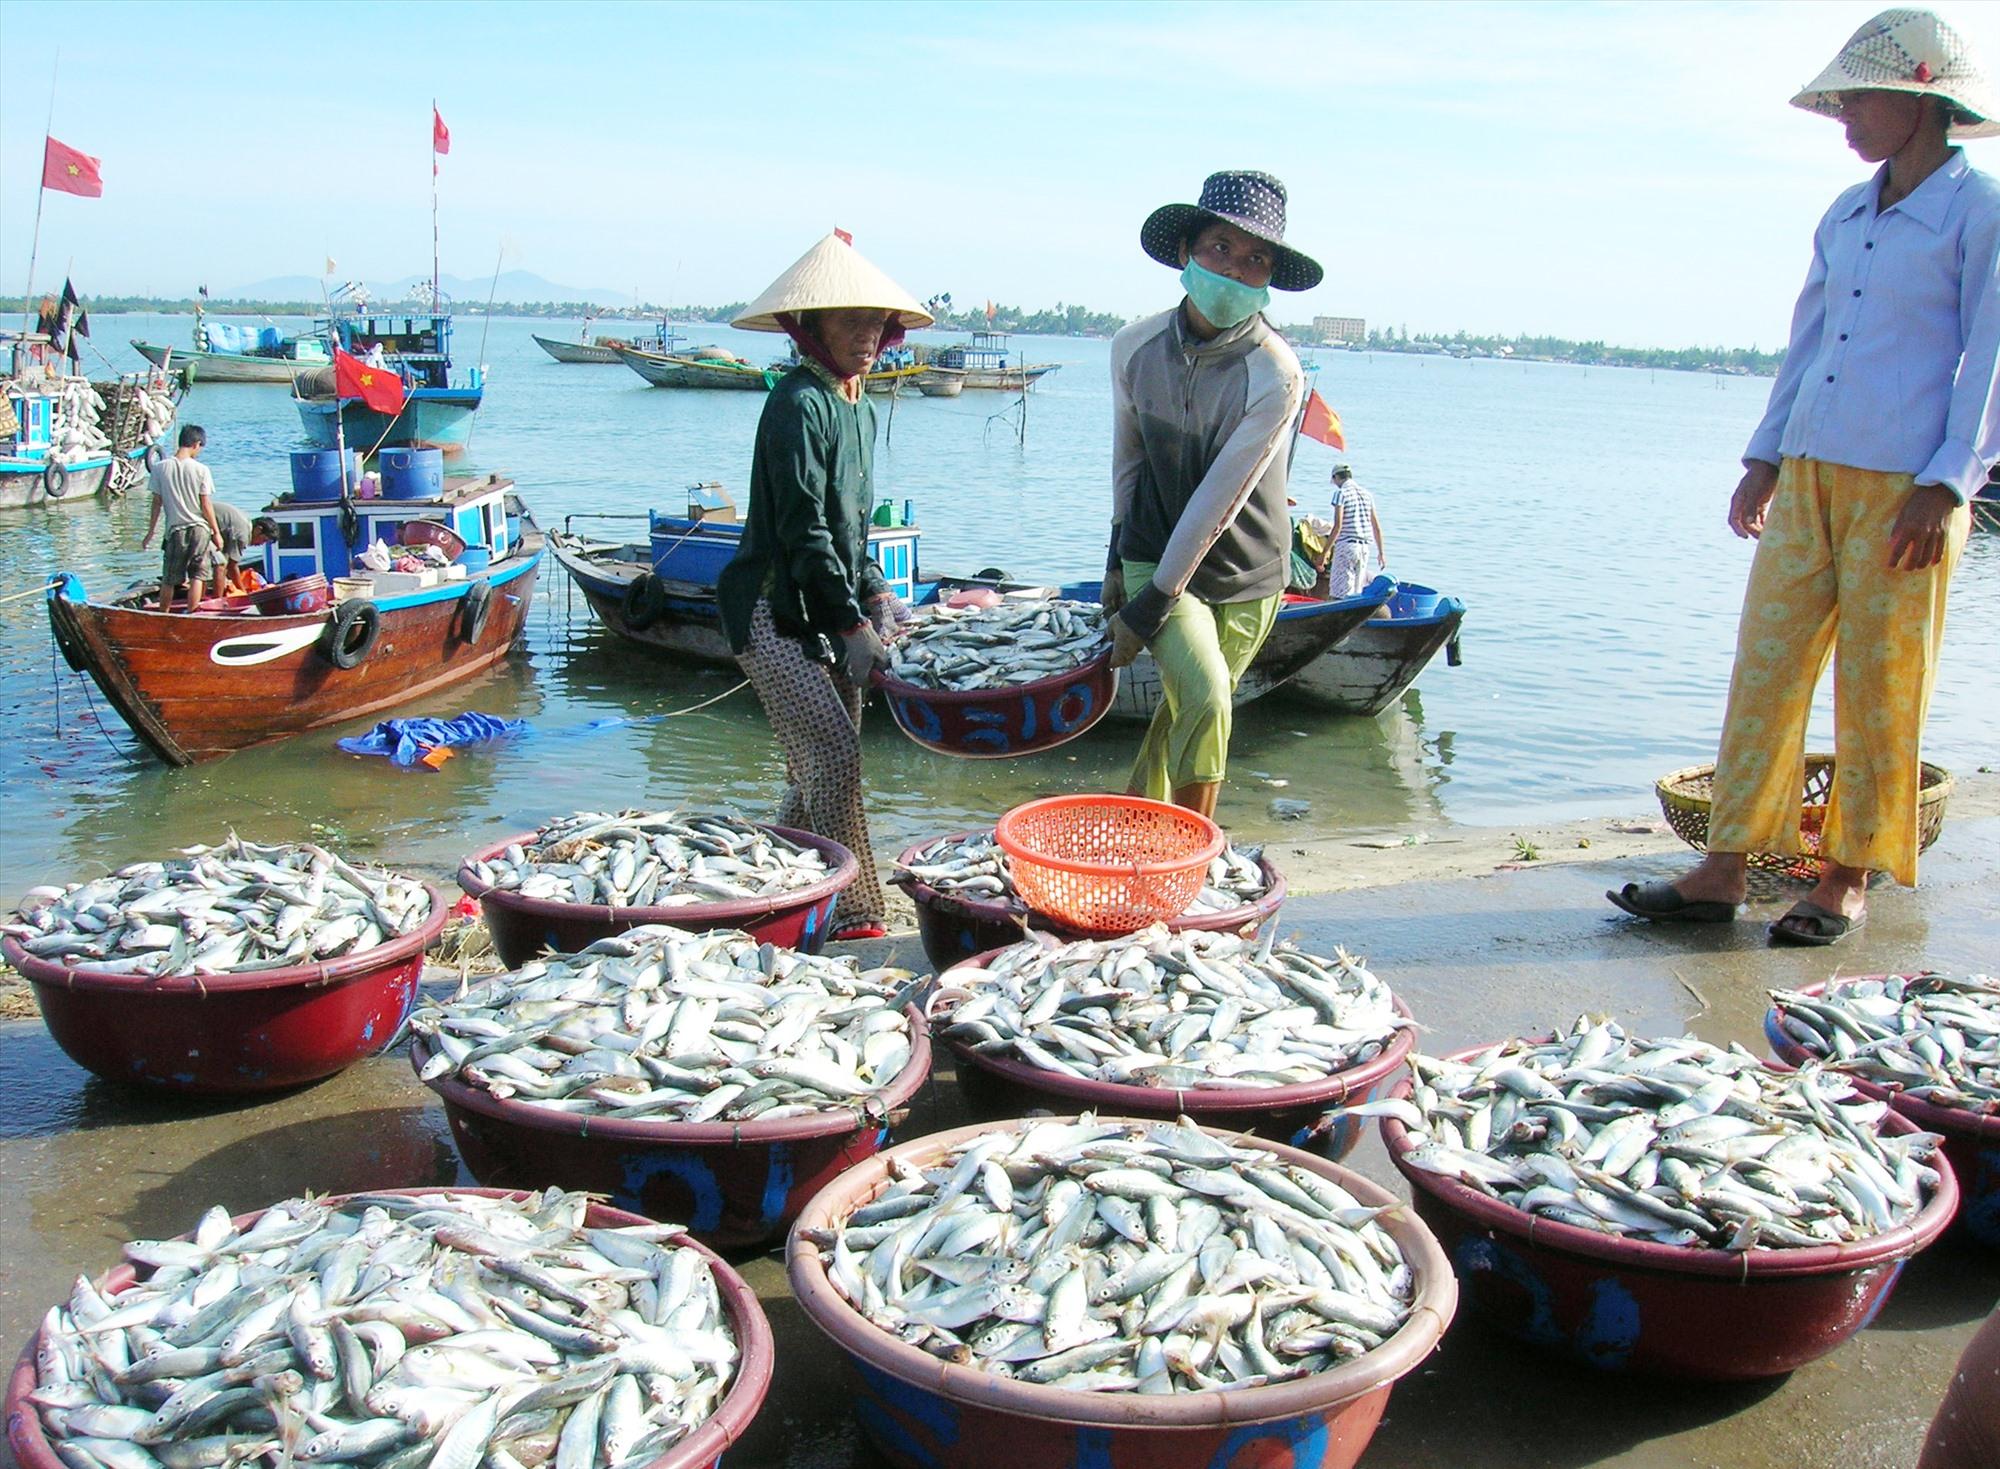 Mô hình chế biến thủy sản đã giúp nhiều hộ dân vùng ven biển cải thiện kinh tế. Ảnh: H.QUANG